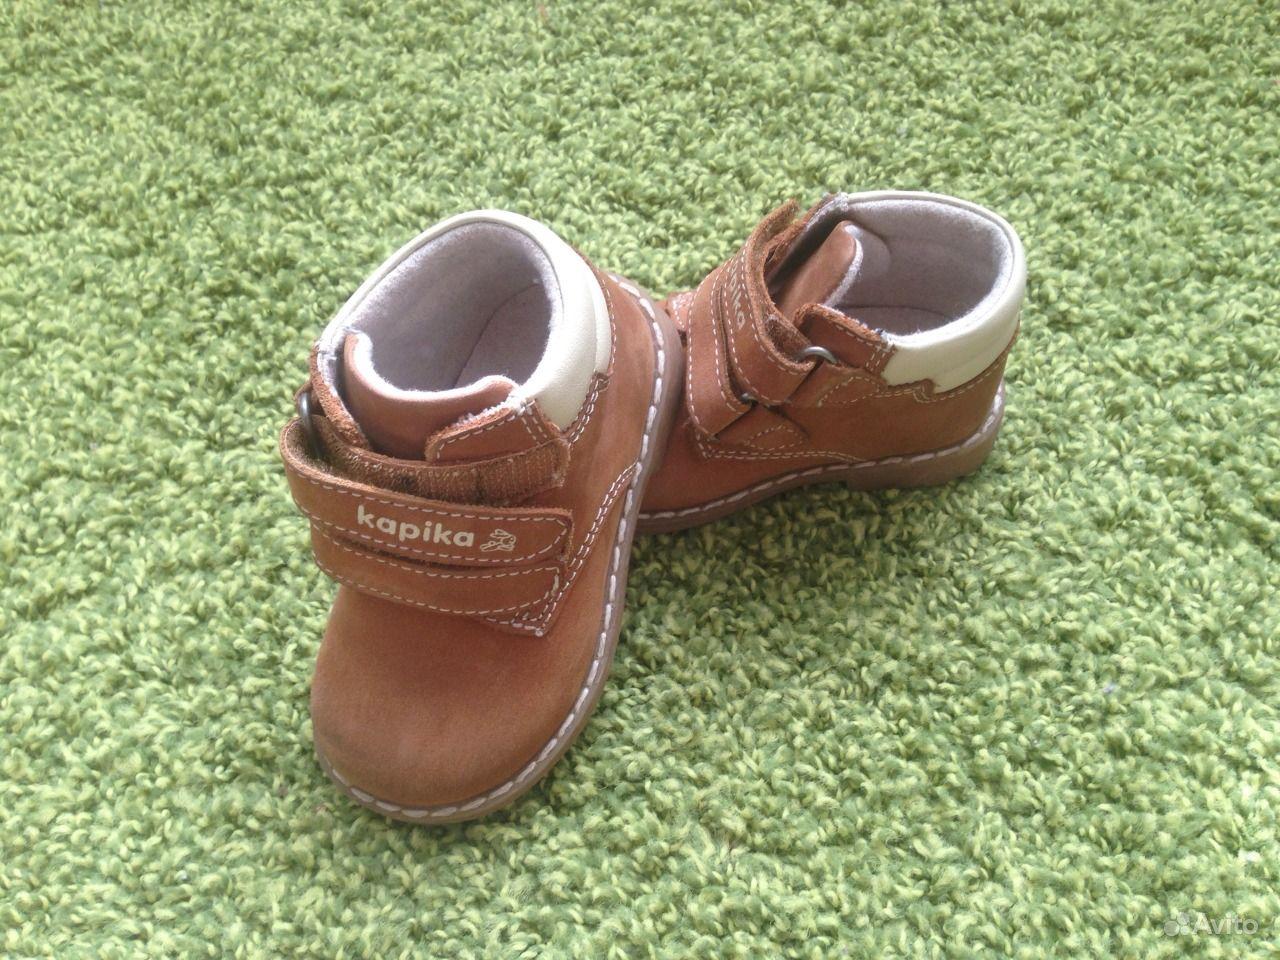 Что дандино детская обувь интернет магазин